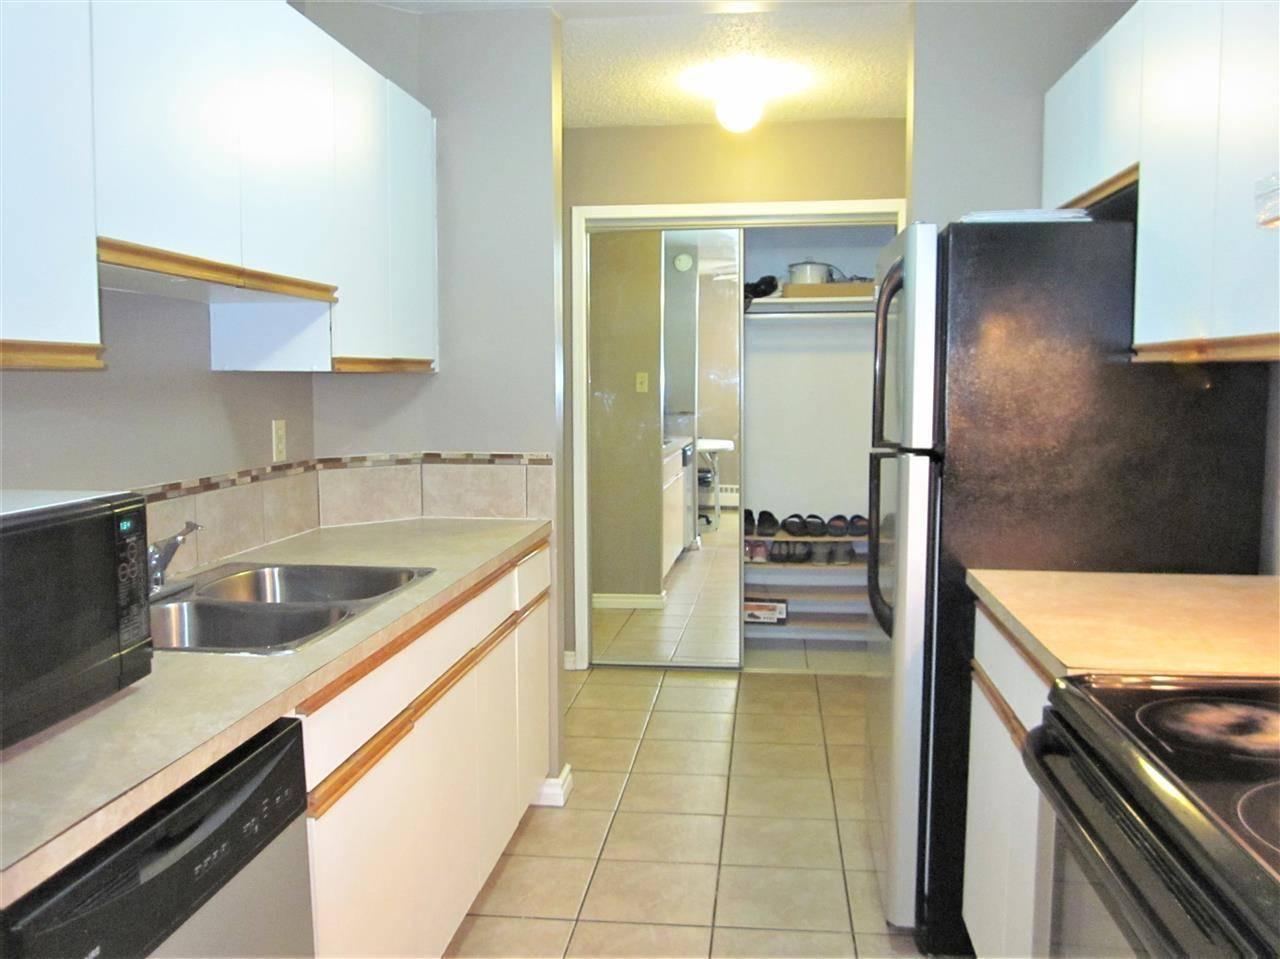 Condo for sale at 11807 101 St Nw Unit 201 Edmonton Alberta - MLS: E4160385